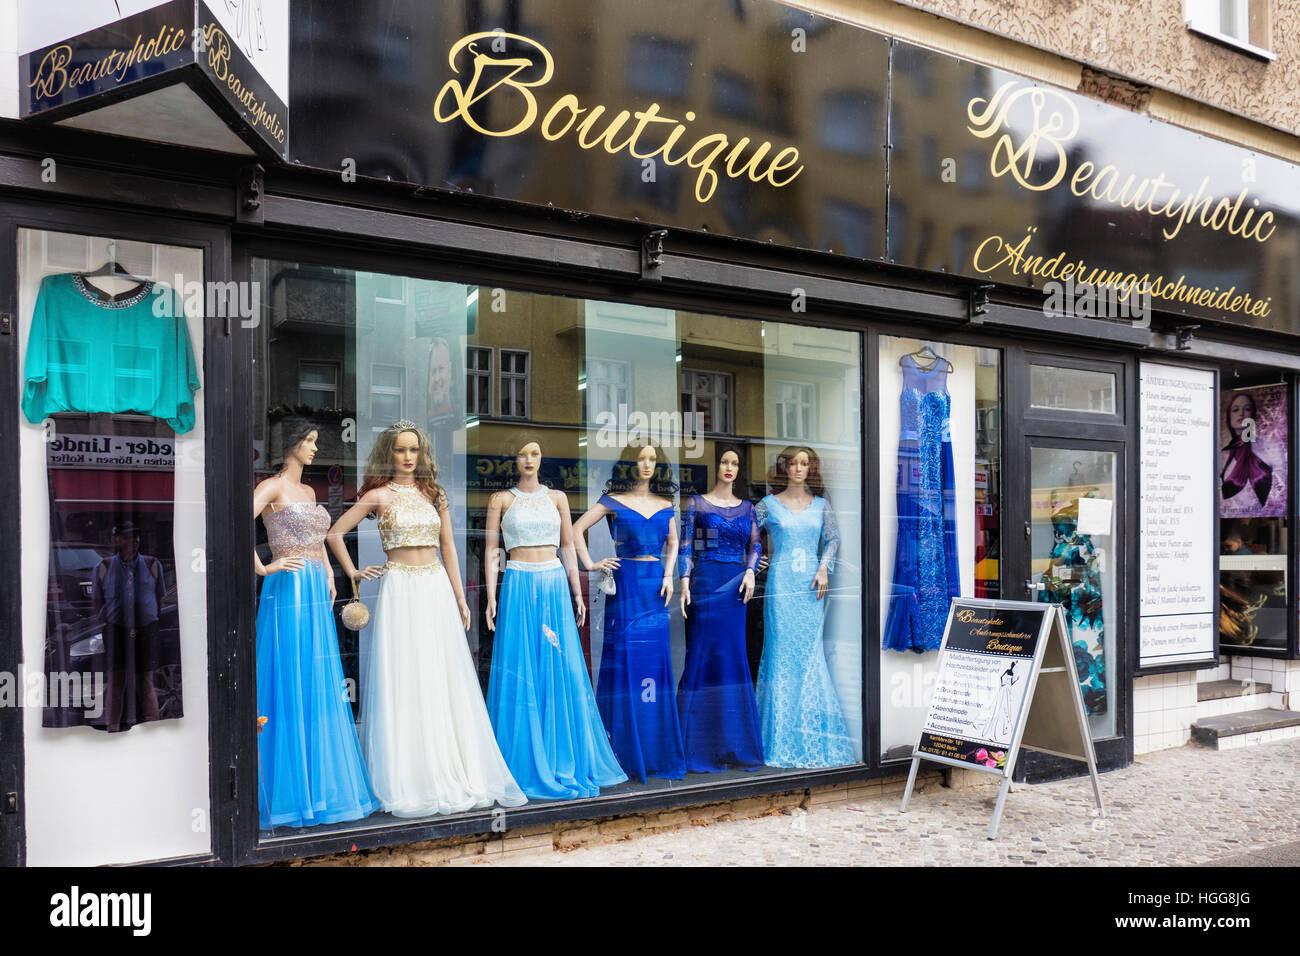 Berlin Neukolln Karl Marx Strasse Beautyholic Boutique Bekleidungsgeschaft Abendmode Und Kleider Zu Verkaufen Stockfotografie Alamy